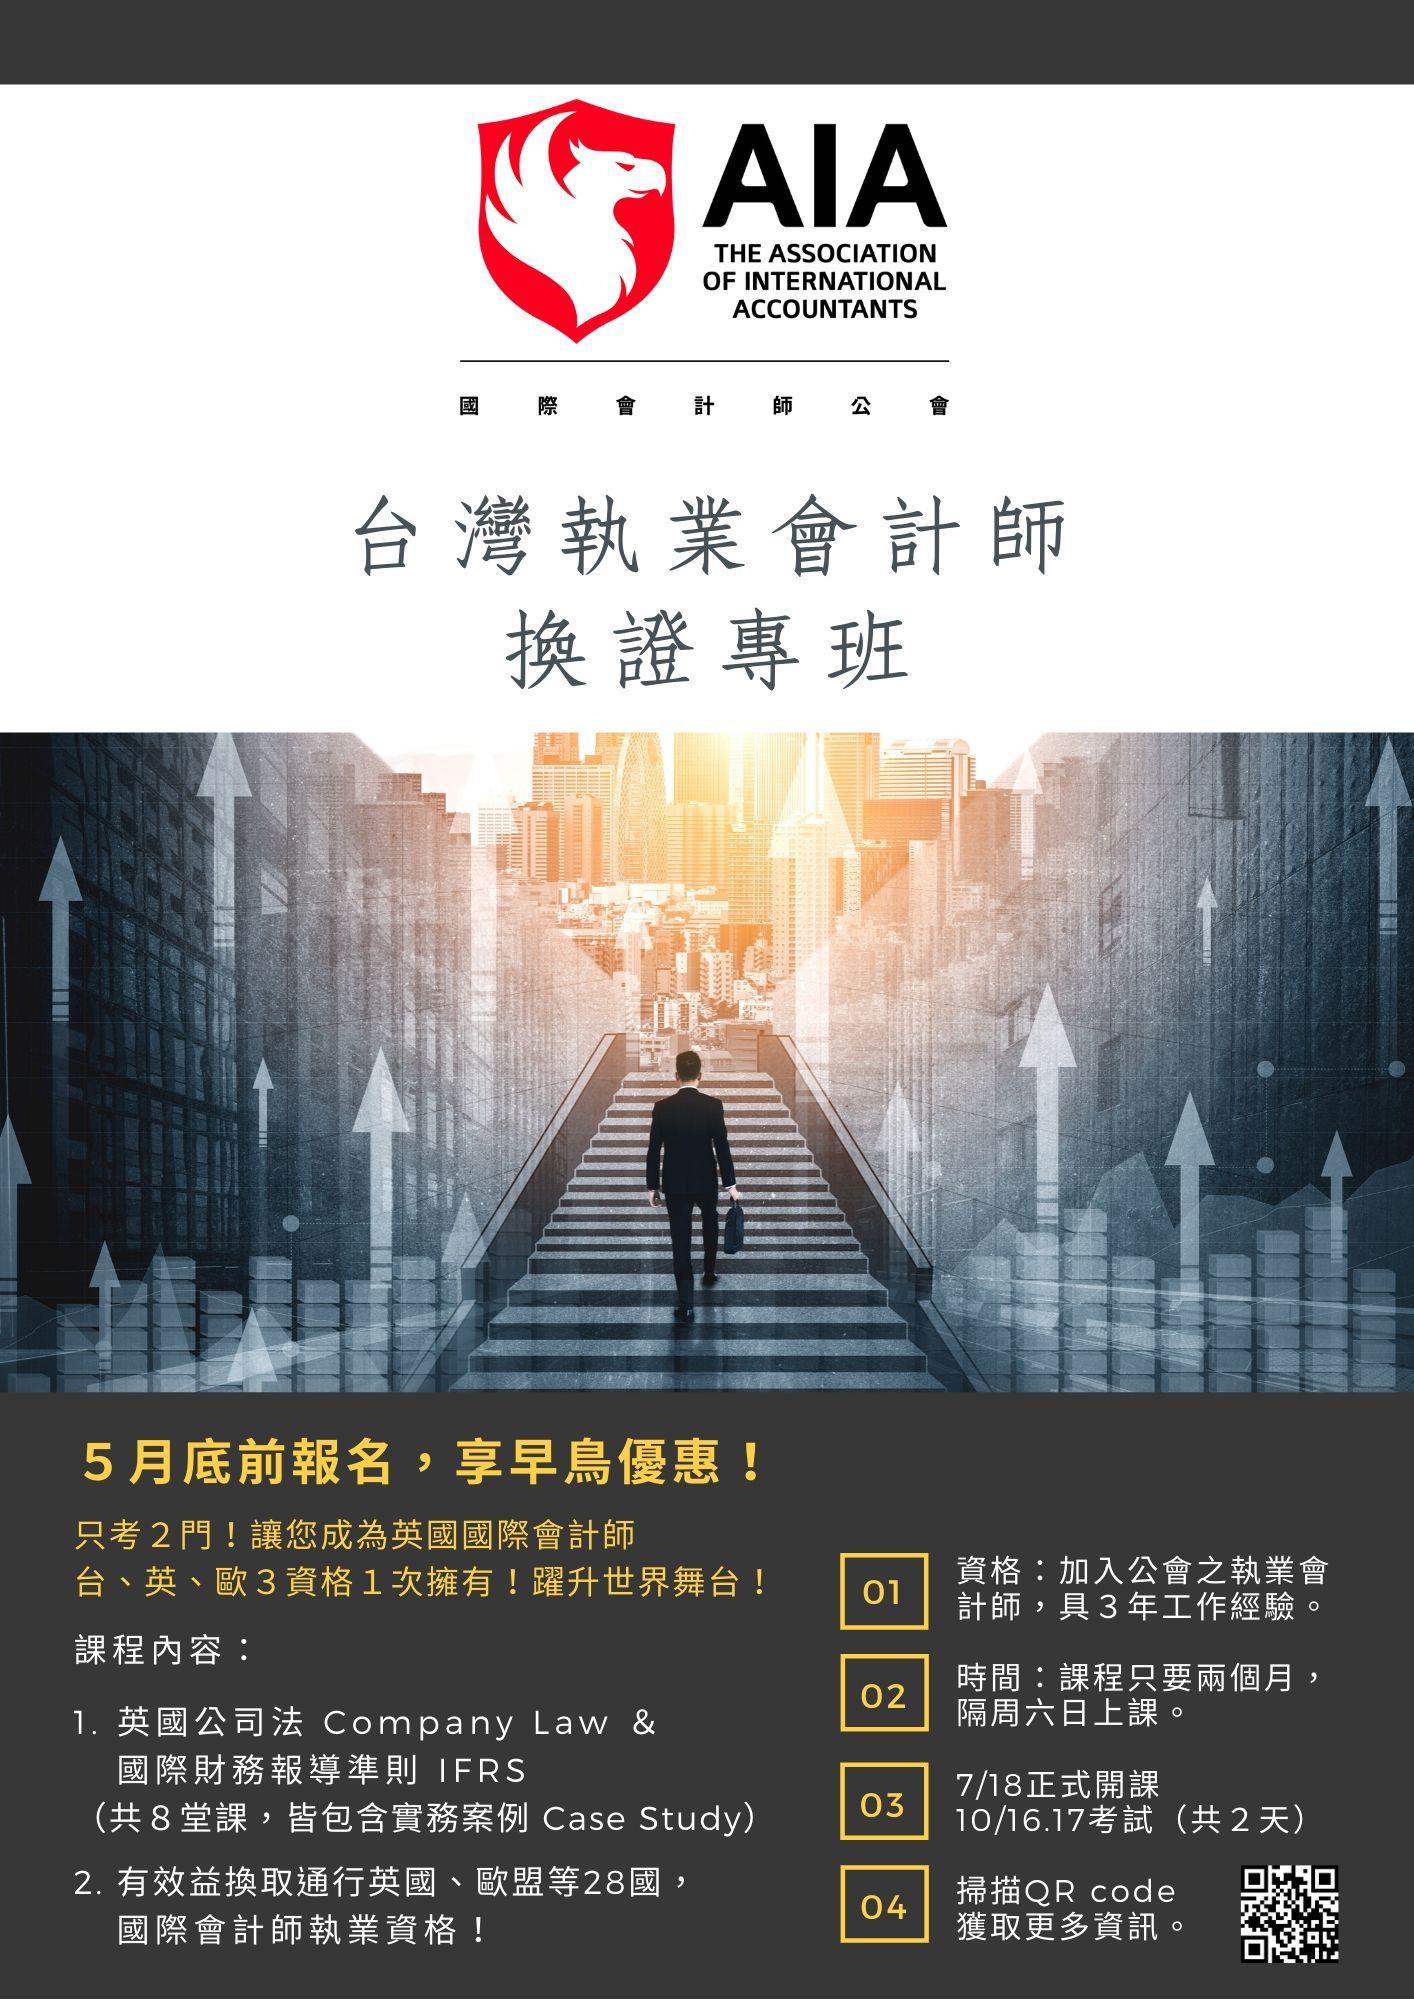 台灣執業會計師 換證專班